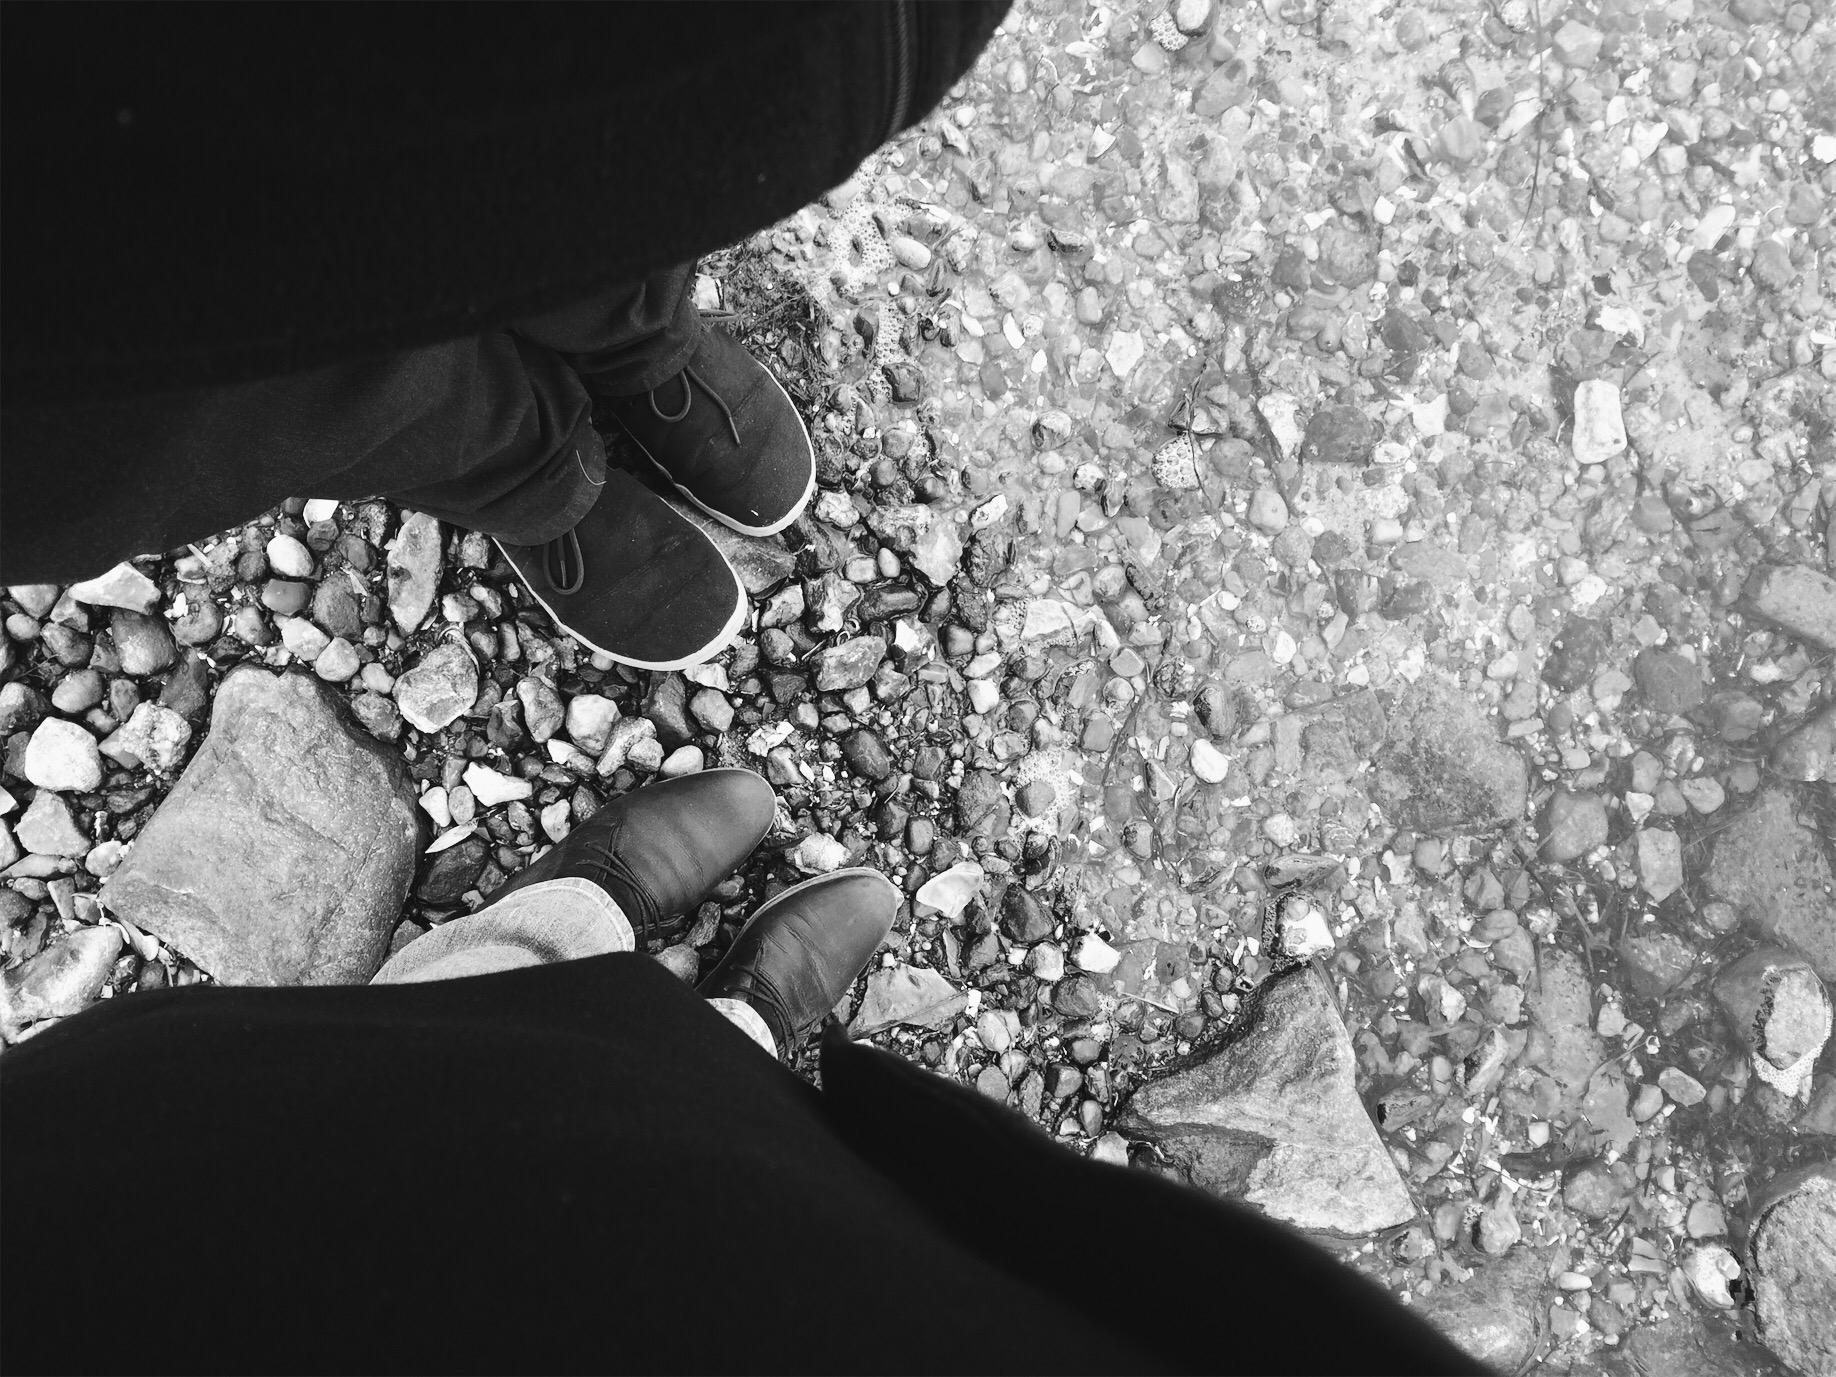 Blick von oben auf die Beine und Schuhe von zwei Menschen in Winterkleidung, die an einem Kiesstrand stehen. In der rechten Hälfte ist das heranschwappende Wasser zu sehen.